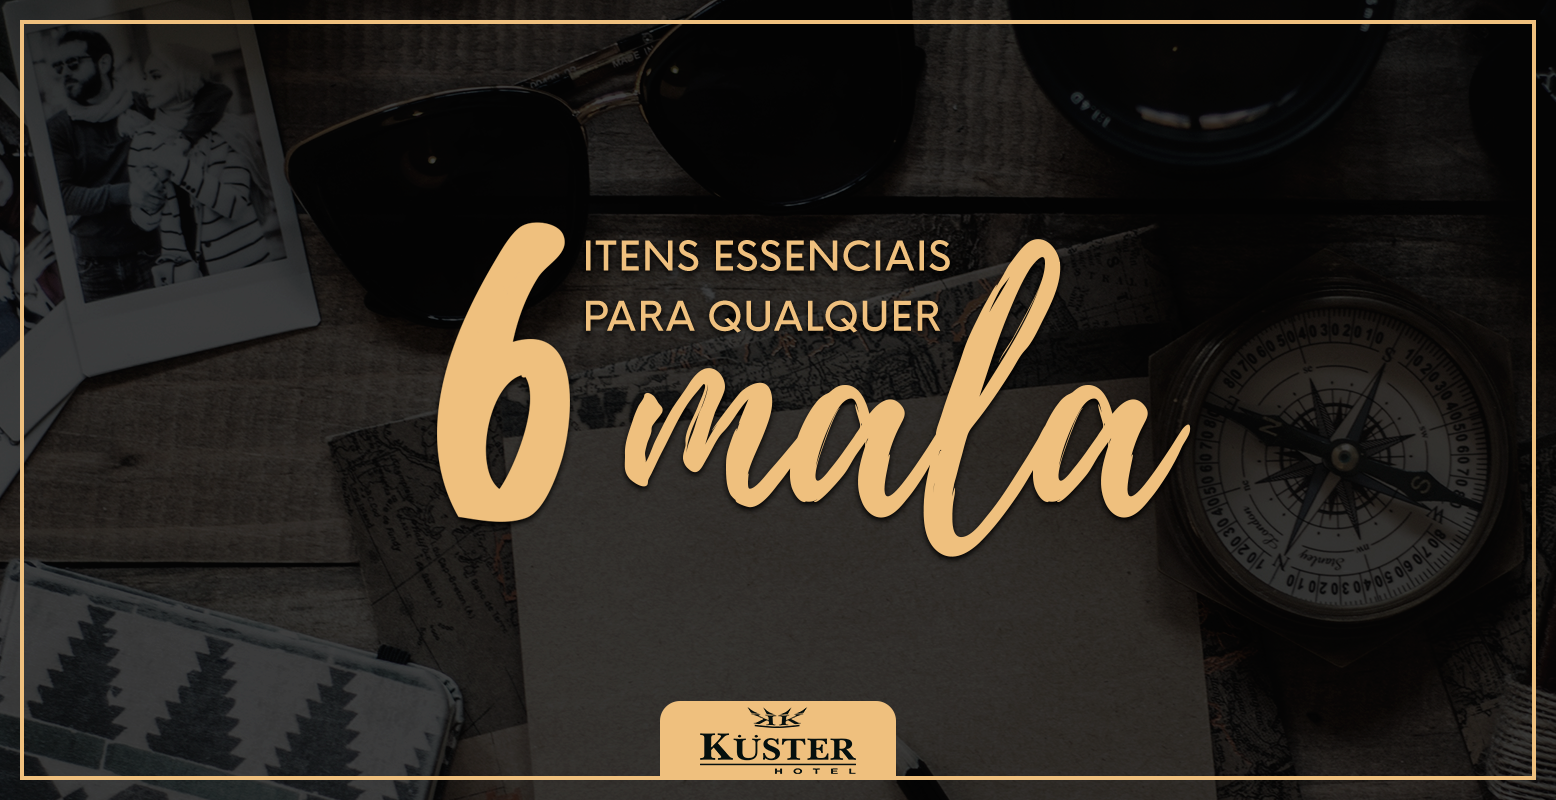 6 itens essenciais na mala